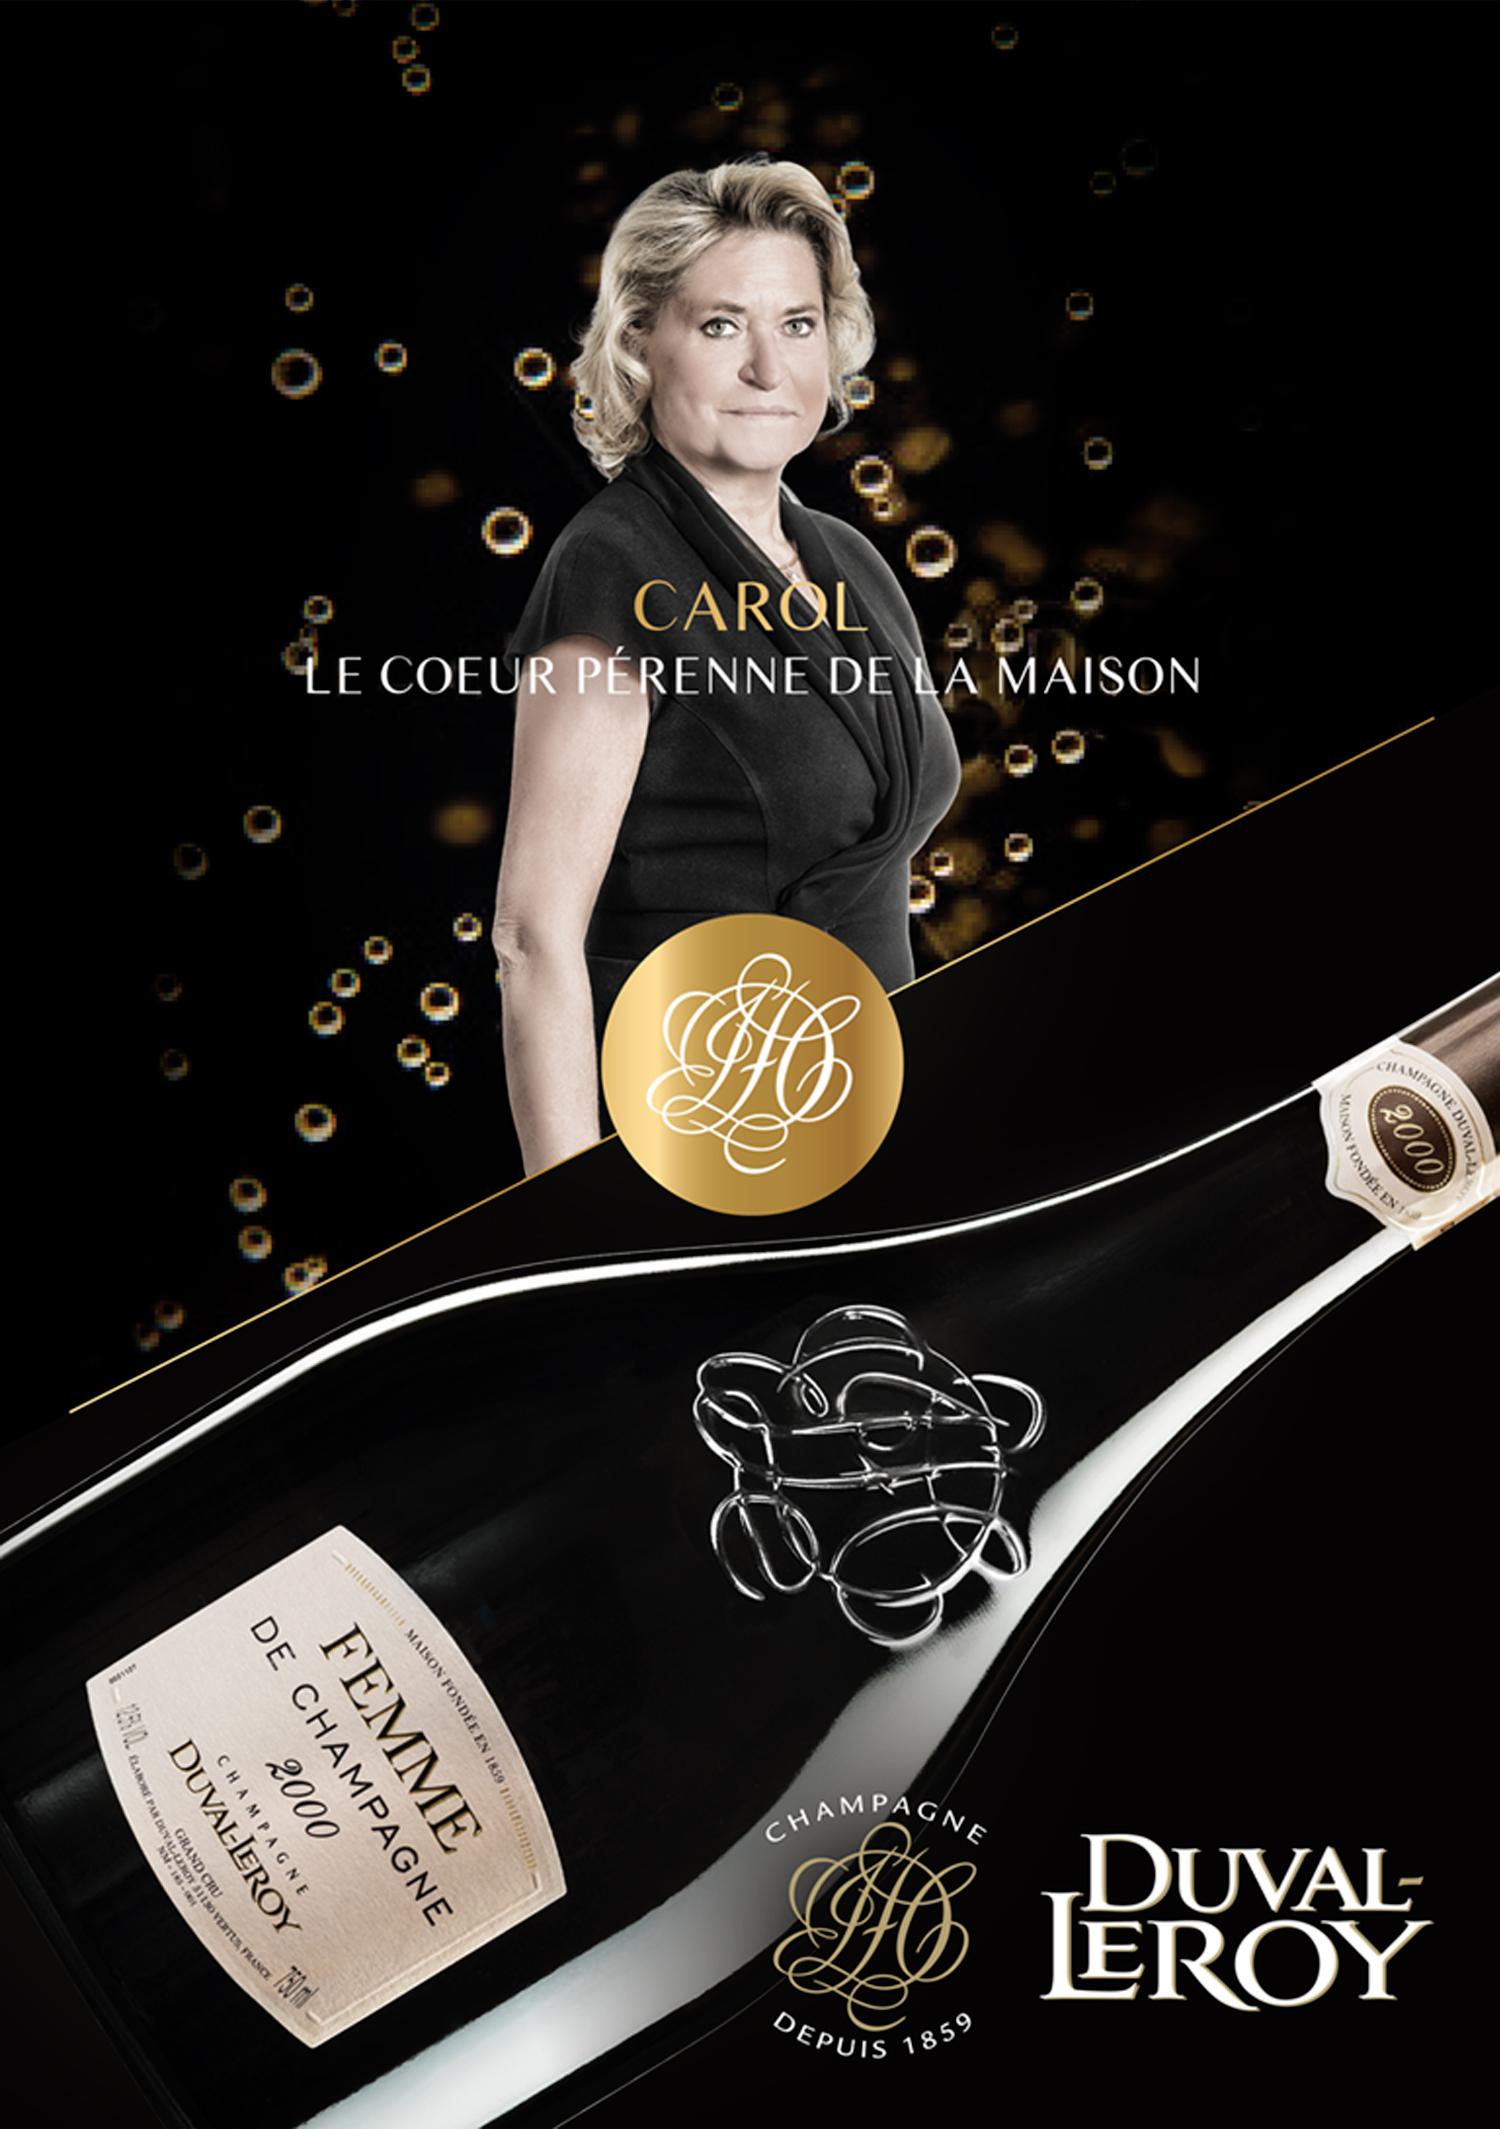 Plaquette institionnelle Carol – Duval-Leroy